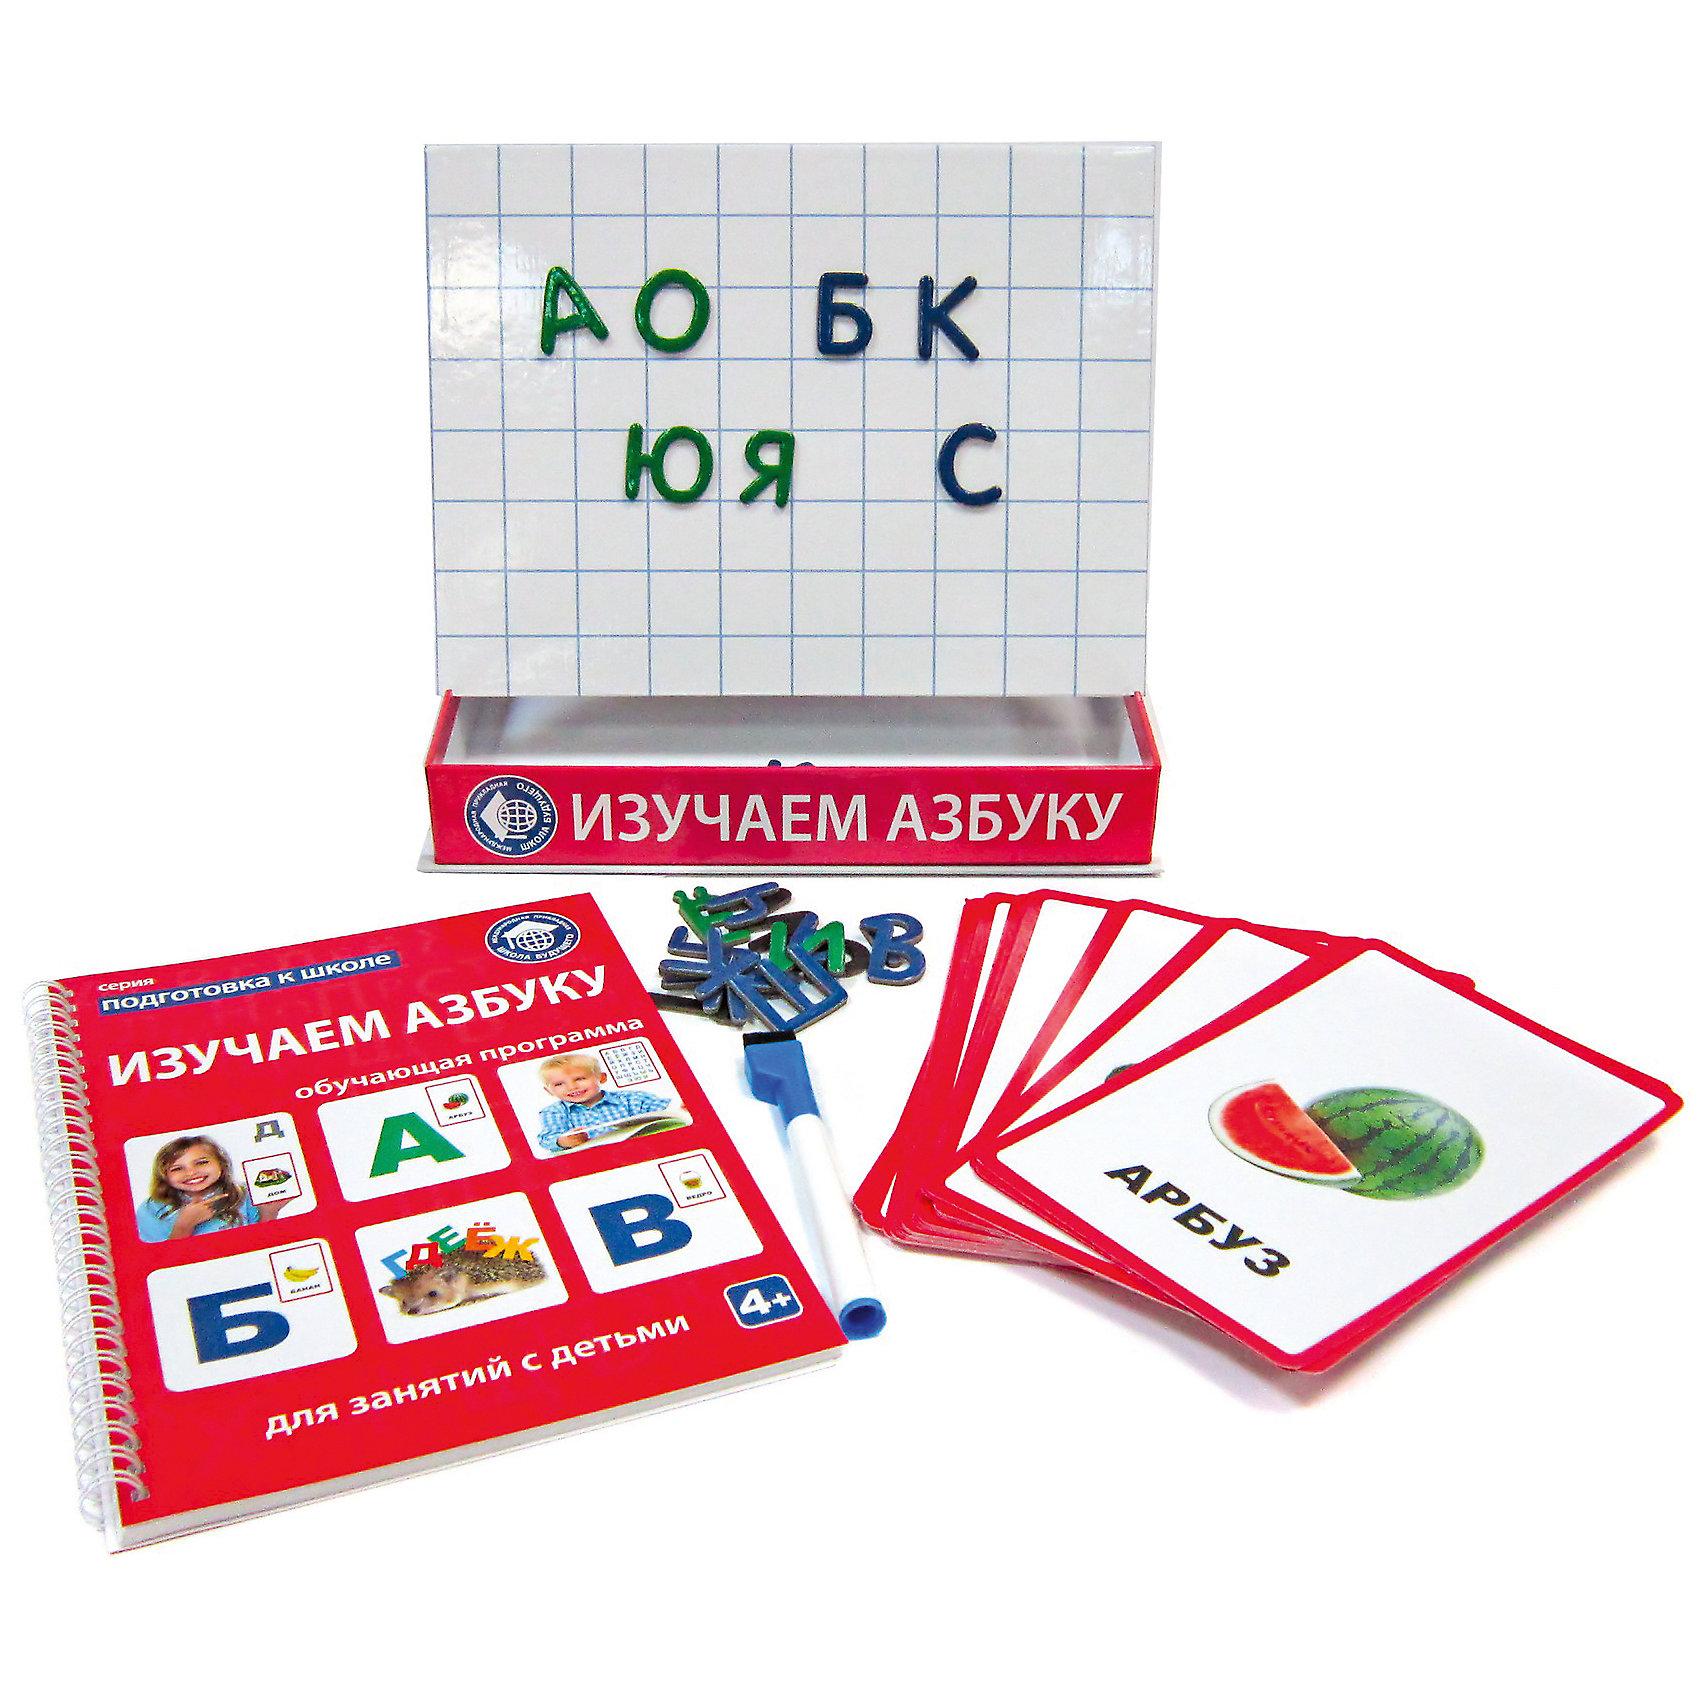 Обучающий набор «Изучаем азбуку: от звука к букве»Азбуки<br>Обучающий набор «ИЗУЧАЕМ АЗБУКУ: от звука к букве» создан специально для дошкольников, которые еще не умеют читать. Обучающая программа поможет ребенку правильно слышать, выделять звуки в словах, а затем познакомиться с буквами и выучить алфавит. В набор входит магнитная доска с буквами, на которой также можно писать специальным маркером. Красочная азбука и обучающие карточки дадут возможность ребенку выучить печатные буквы, а после этого приступить к чтению. Программа включает в себя более 60 обучающих упражнения и более 20 увлекательных игр. <br>В комплект входит: 1 магнитная доска для занятий, 33 магнитные буквы, 34 обучающие карточки, 2 стирающих маркера, 1 книжка с заданиями. <br>Набор продается в картонной коробке. Ее размер: 20,3х26,5х4,5 см. <br>Рекомендуемый возраст: от 4 лет.<br><br>Ширина мм: 265<br>Глубина мм: 45<br>Высота мм: 203<br>Вес г: 1030<br>Возраст от месяцев: 36<br>Возраст до месяцев: 72<br>Пол: Унисекс<br>Возраст: Детский<br>SKU: 5426452